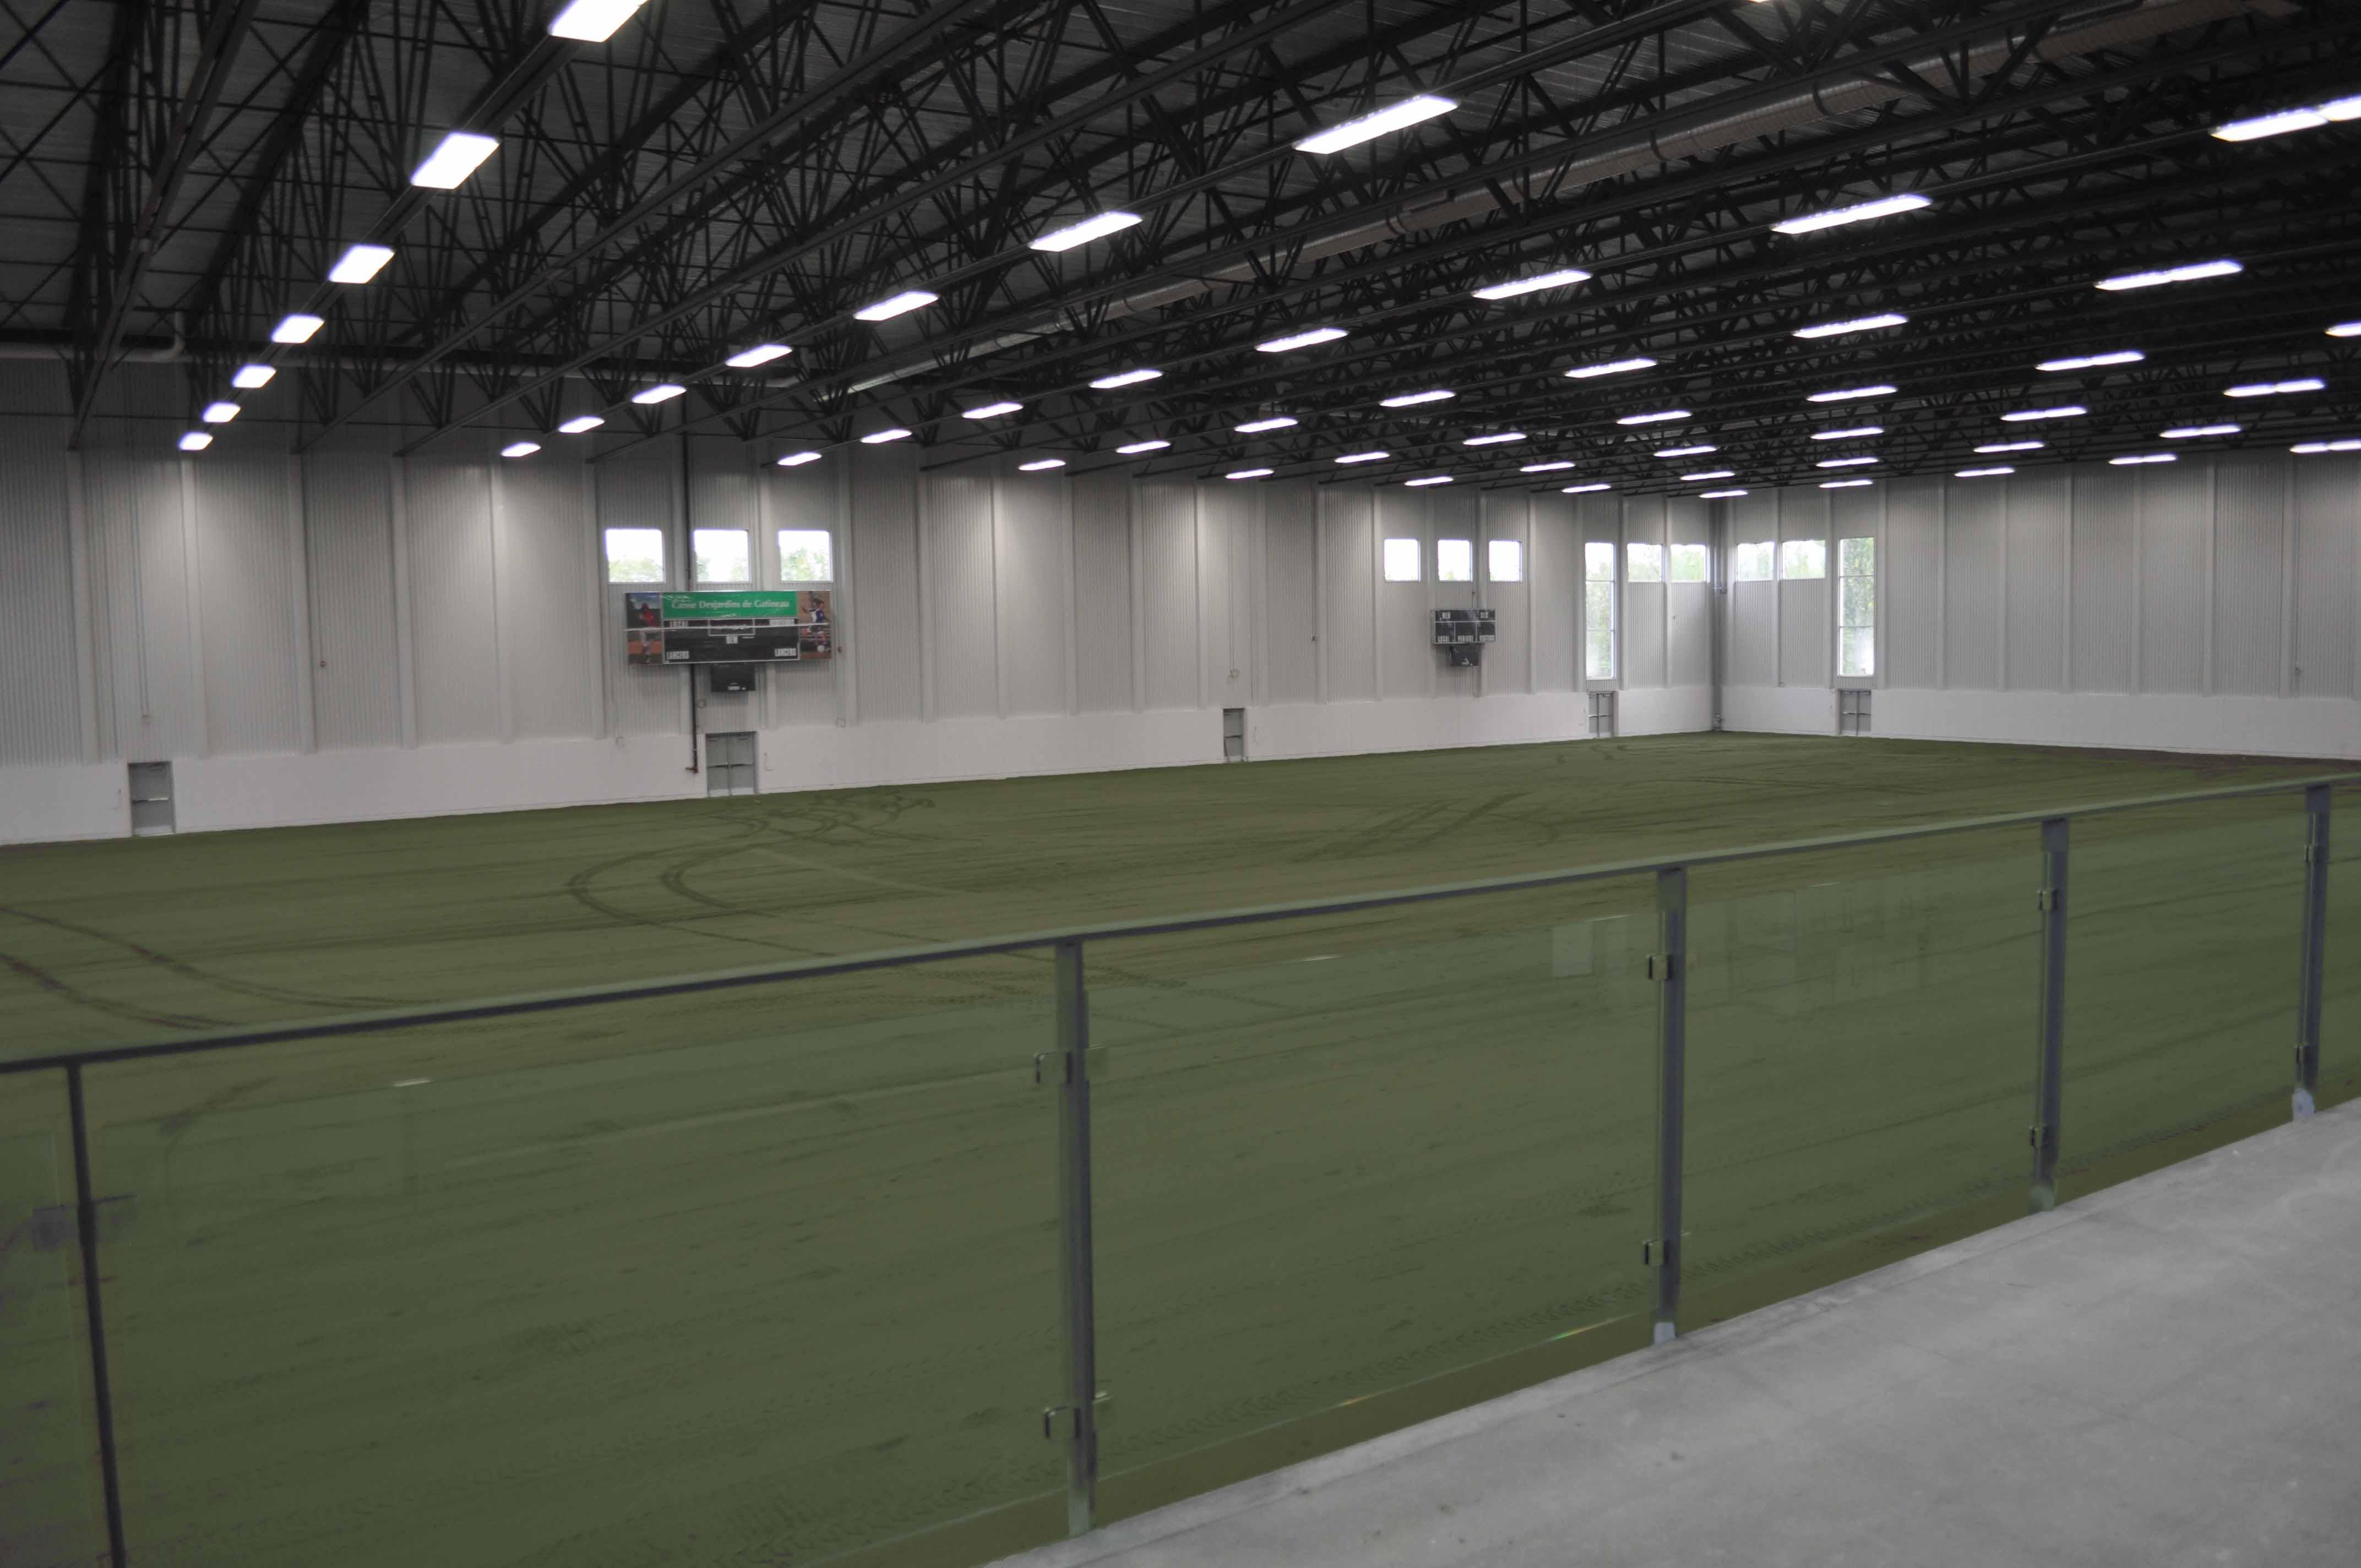 Terrains soccer gatineau for Design interieur gatineau